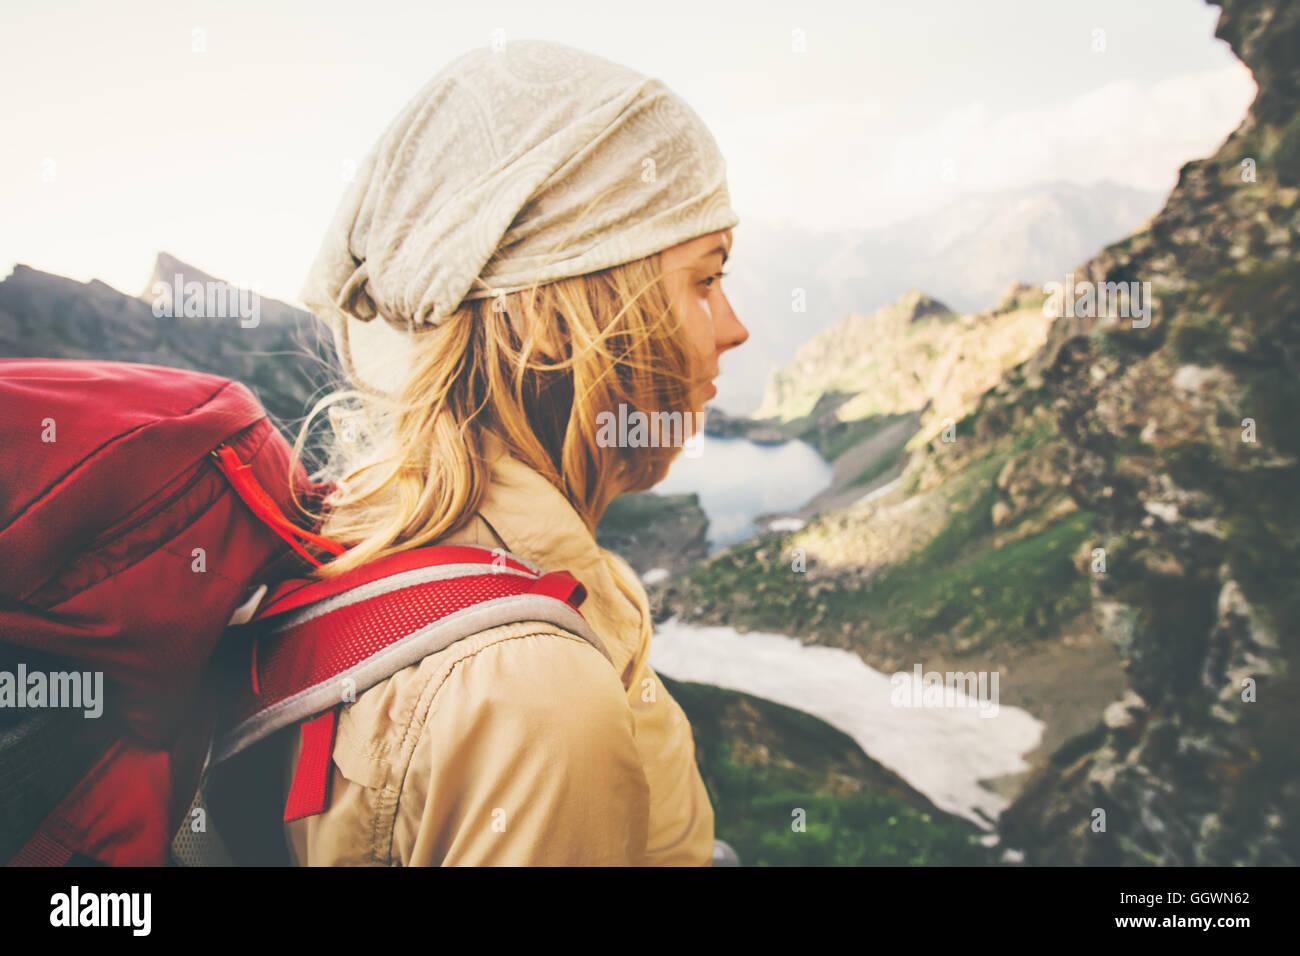 Mujer joven con mochila roja senderismo viajes solo concepto de estilo de vida y el paisaje de las montañas Imagen De Stock